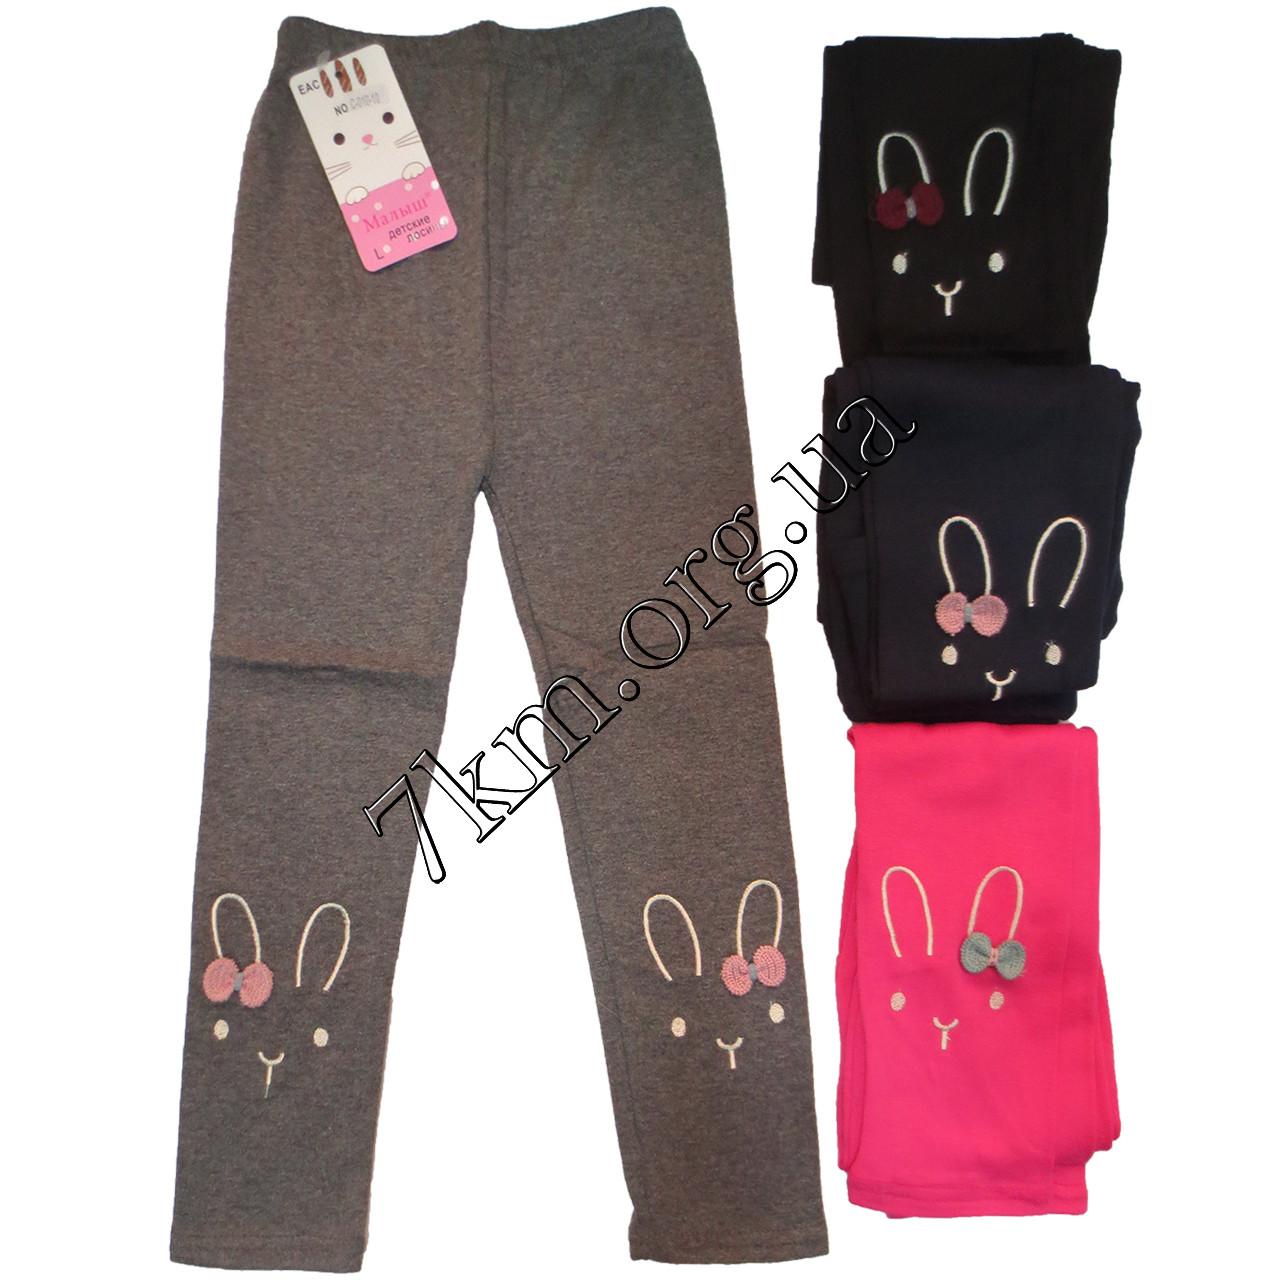 Лосини дитячі трикотажні для дівчаток 4-8 років Малюк Китай Оптом C-010-10